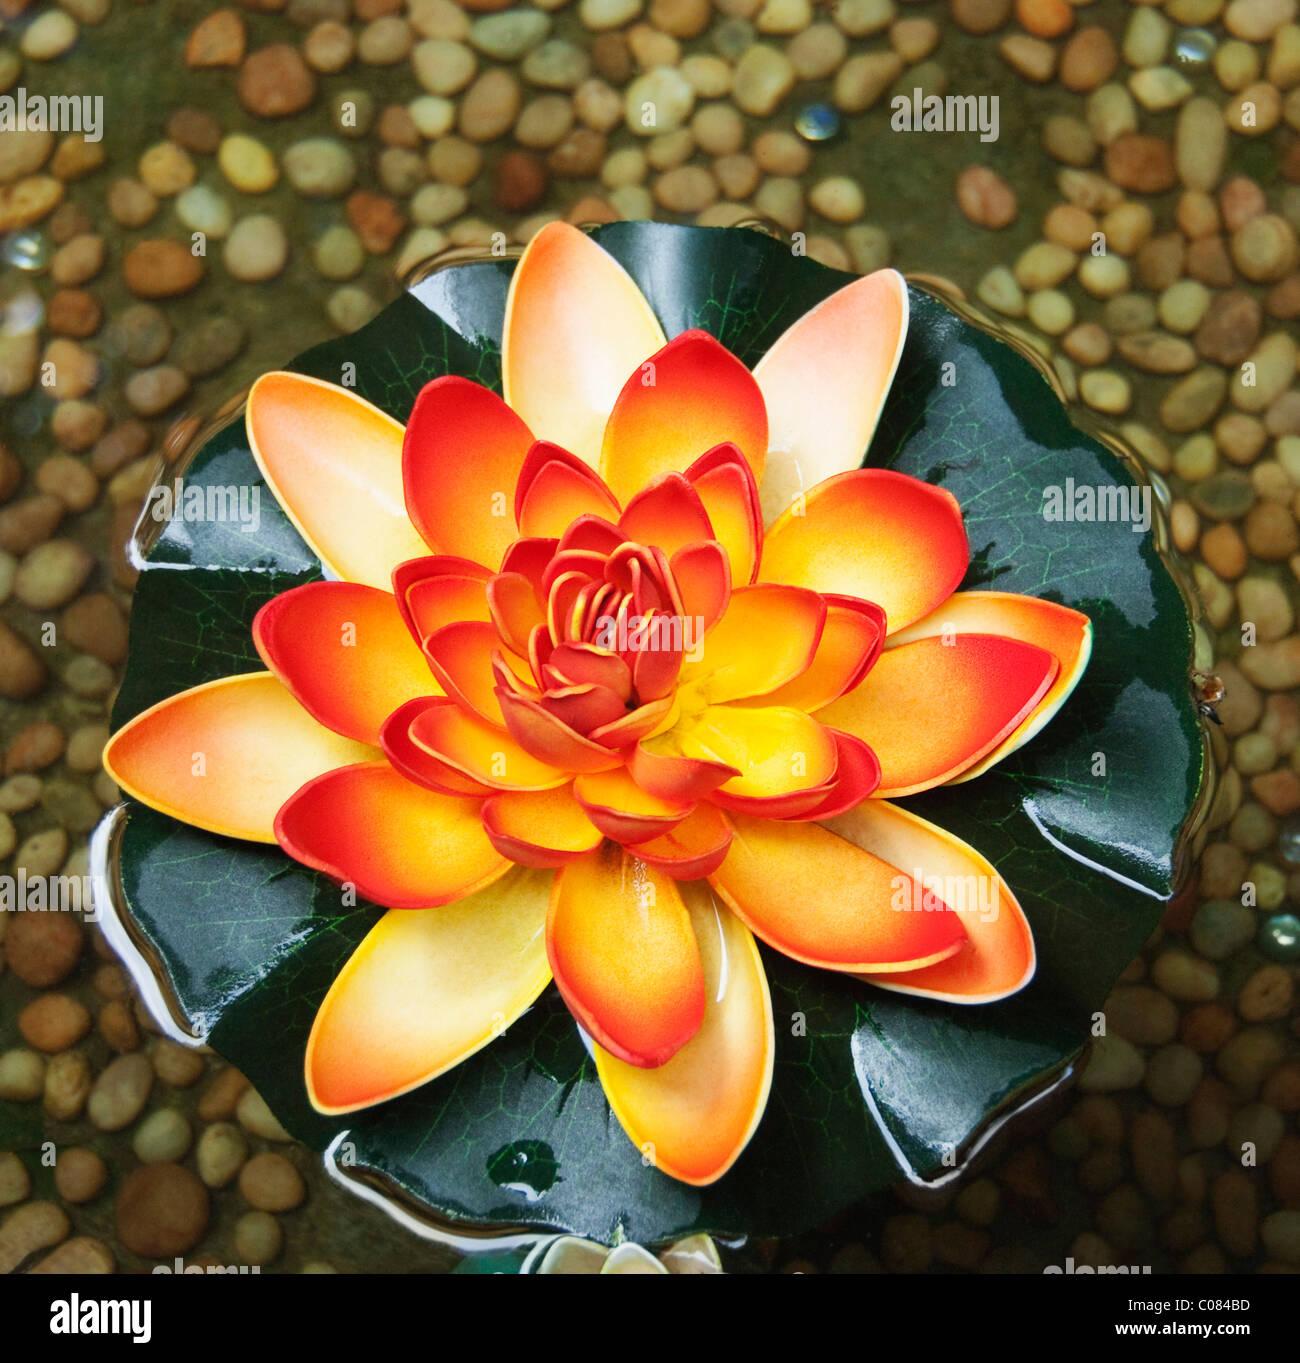 Angolo di alta vista di un fiore di loto, Tirupati, Andhra Pradesh, India Foto Stock